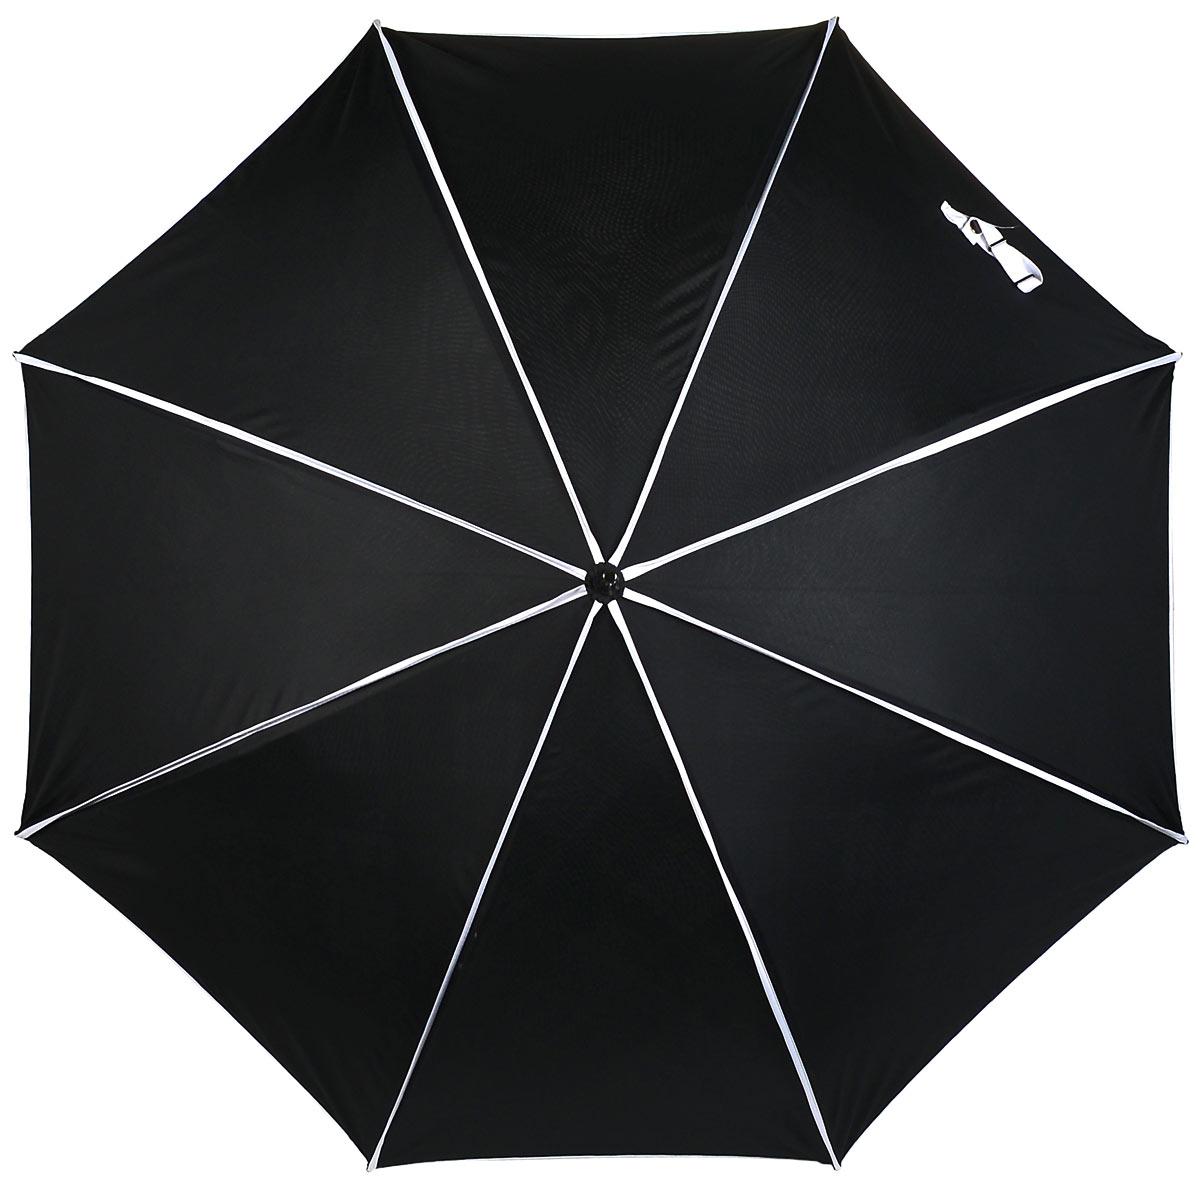 Зонт-трость женский Eleganzza, полуавтомат, цвет: черный, серый, белый. T-06-0279DT-06-0279DСтильный полуавтоматический женский зонт-трость Eleganzza выполнен из полиэстера и эпонжа. Модель с двойным куполом внутри оформлена цветочным принтом, снаружи кант контрастного оттенка. Каркас зонта выполнен из восьми стальных спиц с добавлением фибергласса. Зонт оснащен полуавтоматическим механизмом. Акриловая ручка разработана с учетом требований эргономики. Зонт Eleganzza защитит от дождя и поднимет настроение в ненастную погоду.